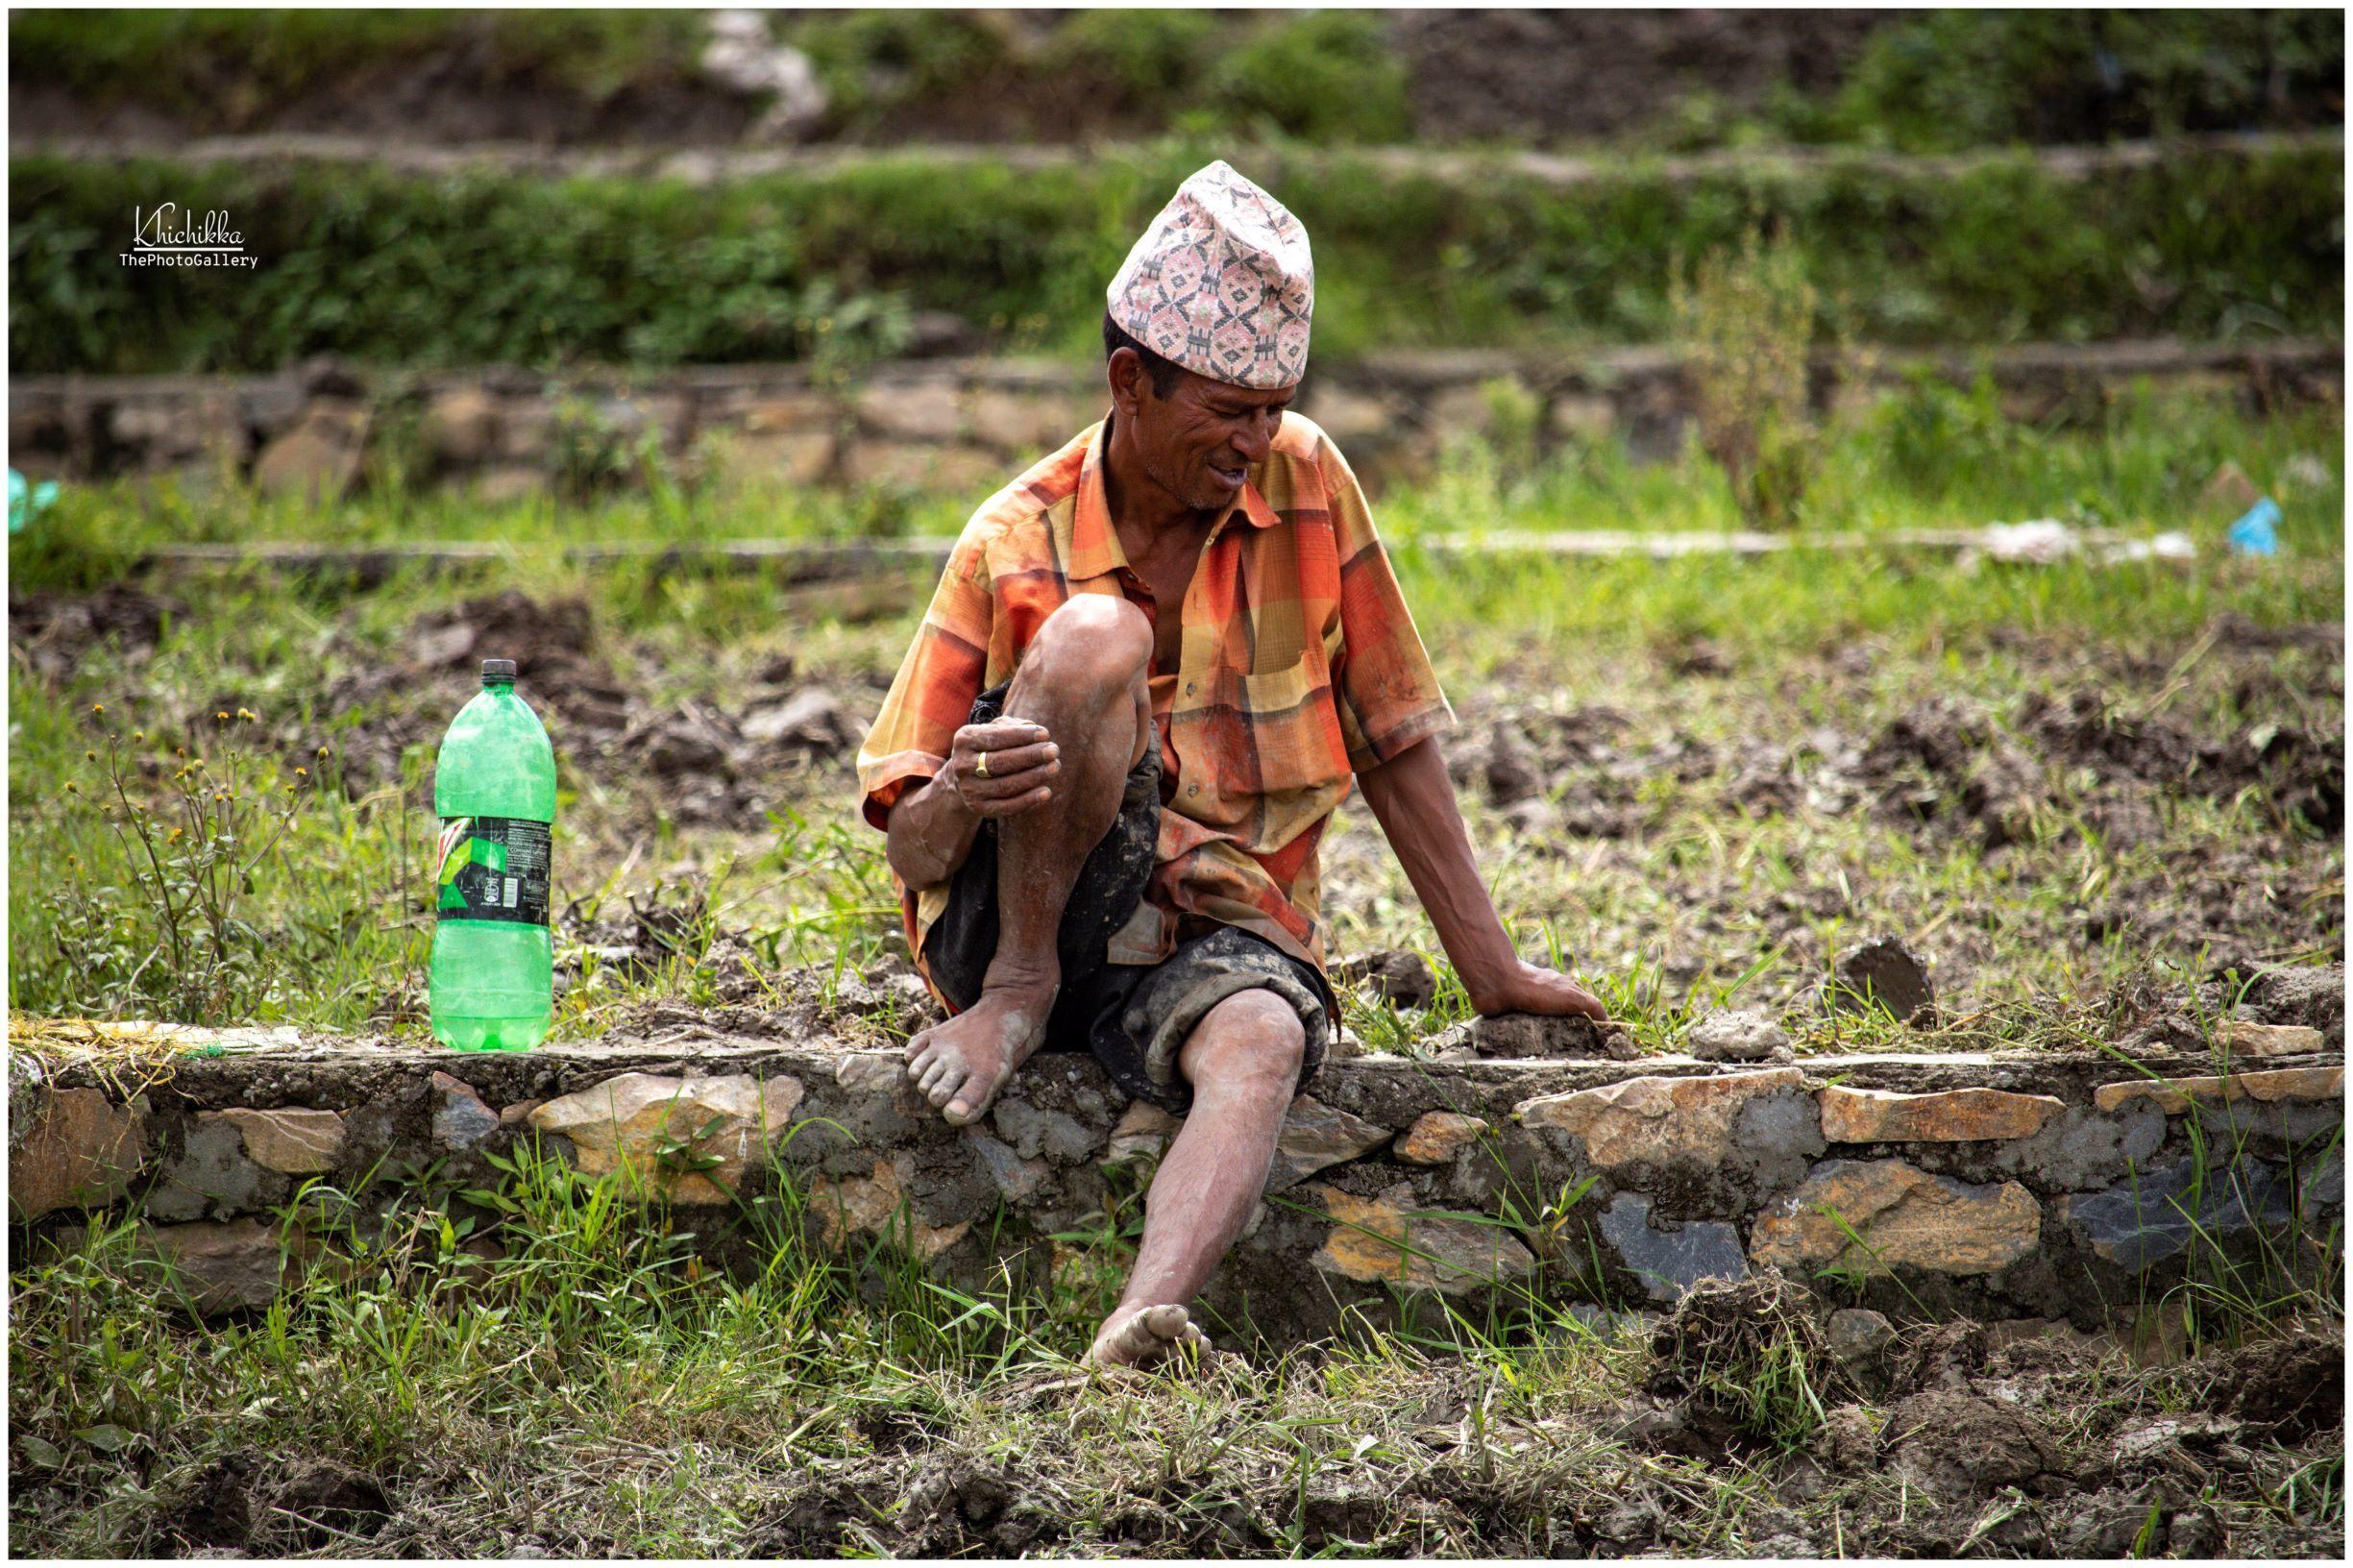 https://www.bhaktapur.com/wp-content/uploads/2020/06/saurav-Bajracharya-resized.jpg